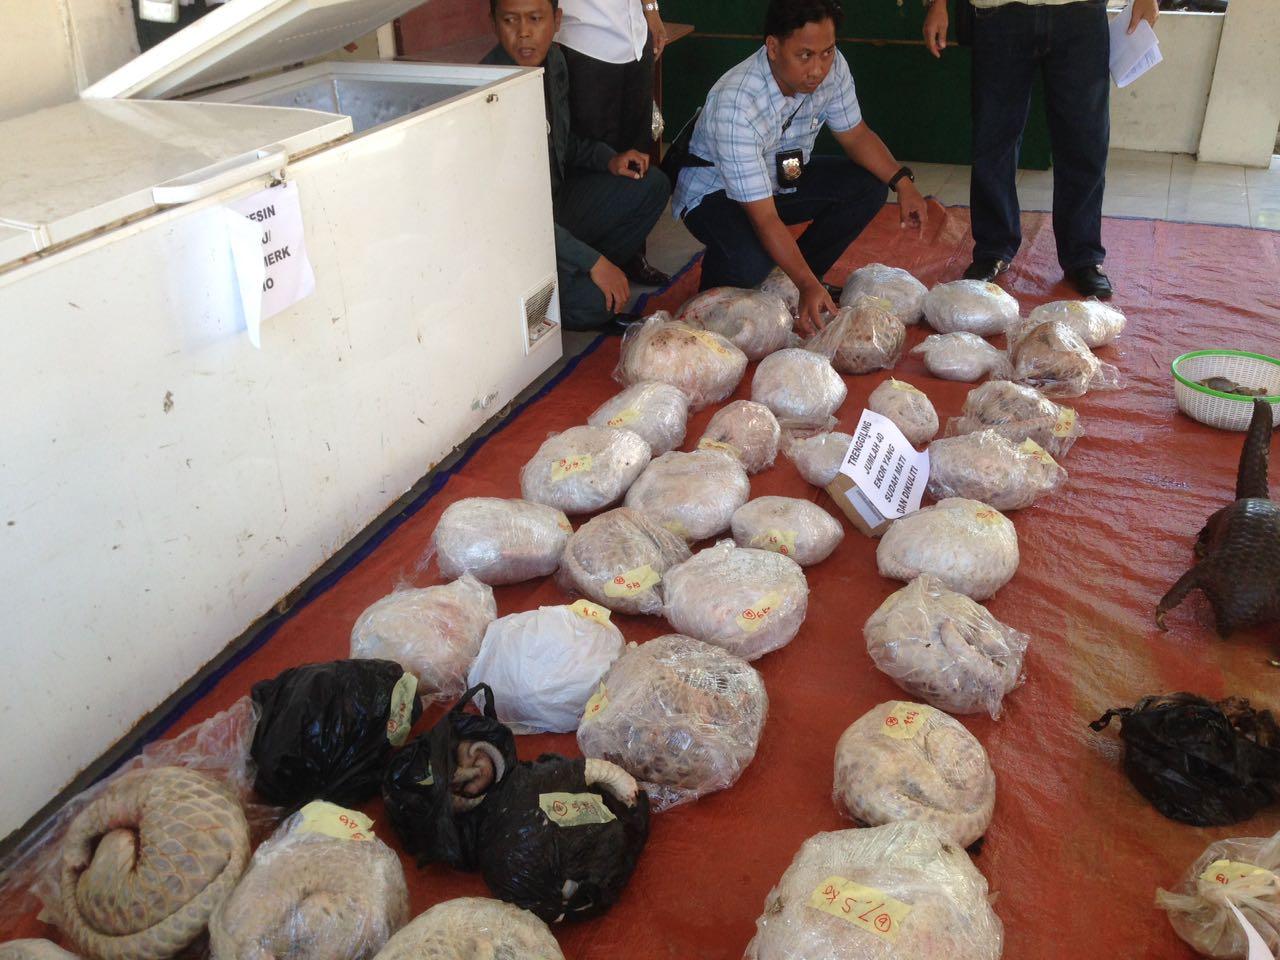 Petugas mengungkap penyelundupan sisik trenggiling di Kalimantan Barat, Rabu (26/10). Foto oleh Slamet Ardiansyah/Rappler